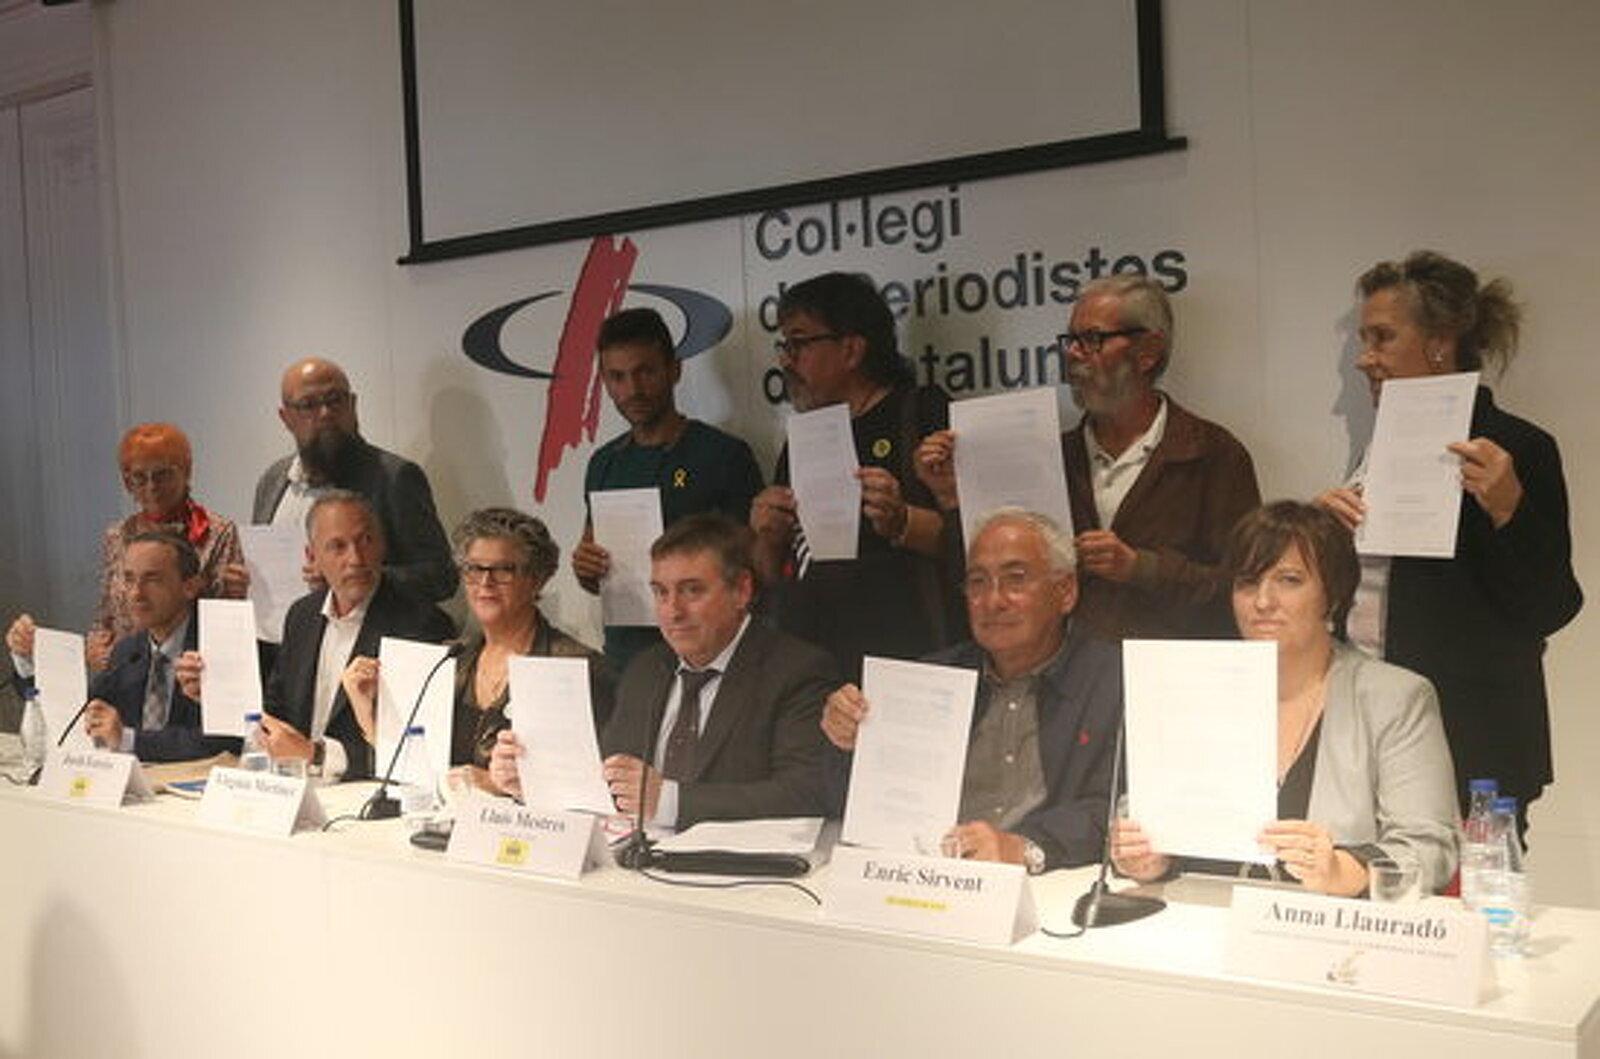 Diversos advocats i víctimes de l'1-O amb la querella per crims contra la humanitat